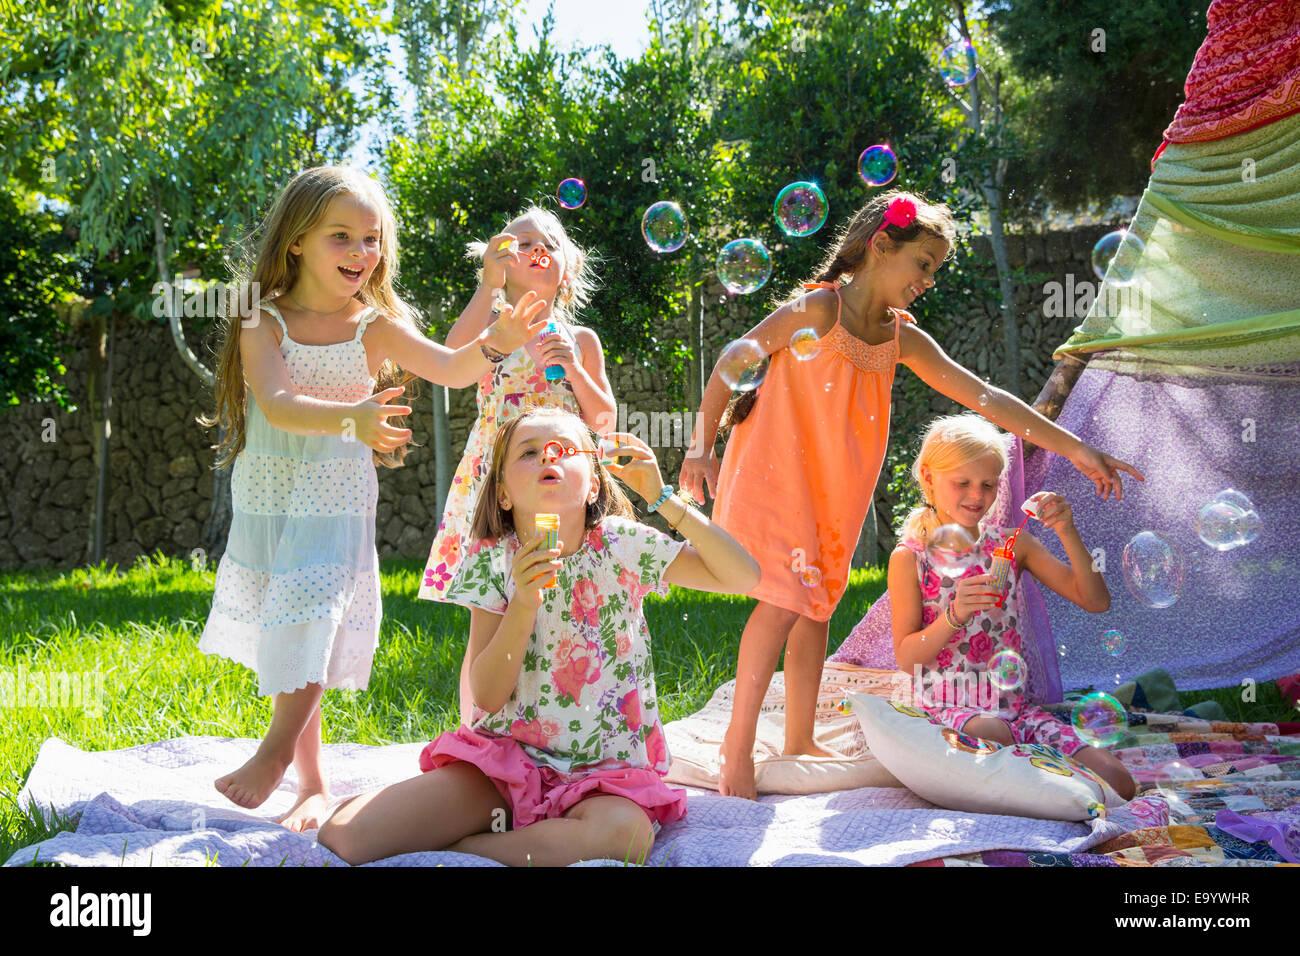 Las niñas soplando burbujas en verano garden party Imagen De Stock